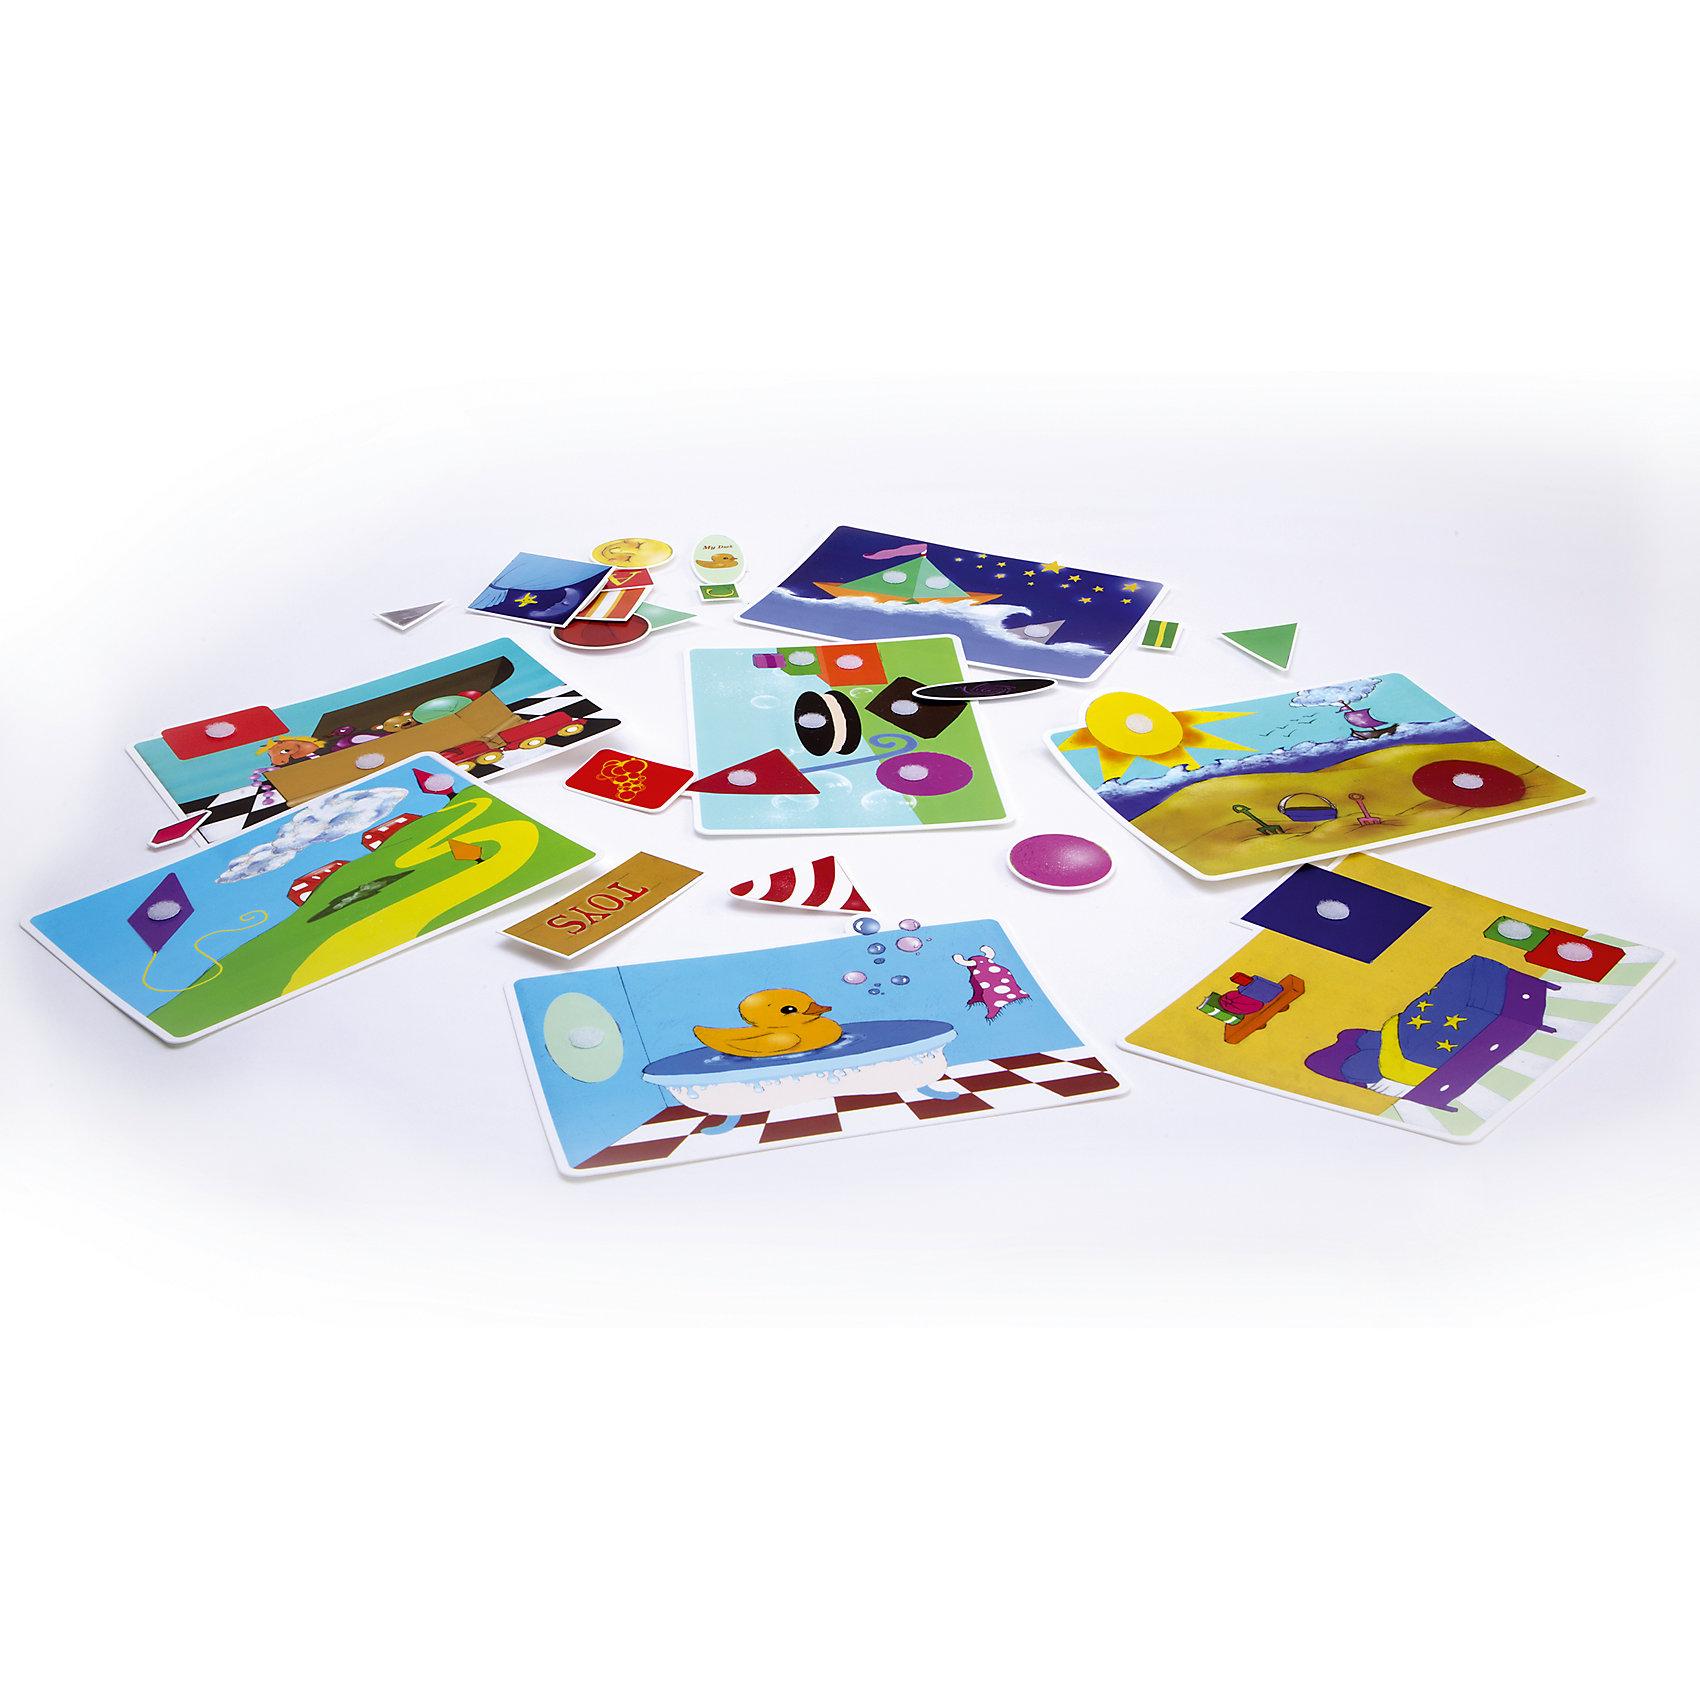 Игра Веселые фигурки, PicnMixЕсли Вы хотите занять малыша чем-то увлекательным и в то же время полезным, то игра Веселые фигурки, от Pic`n Mix - то, что Вы искали! В забавной игровой форме кроха легко выучит названия геометрических фигур, и будет с легкостью находить их в окружающих предметах. Игра выполнена из безопасных материалов и прекрасно подходит для малышей. Кроха будет с удовольствием находить квадрат, круг, ромб и другие фигуры и приклеивать на них на нужные места. Пазл-липучка Веселые фигурки будет способствовать развитию логического мышления, памяти, а также мелкой моторики рук.<br><br>Дополнительная информация:<br><br>- Развивает логику, память, мелкую моторику;<br>- 7 игровых полей;<br>- Яркие цвета;<br>- Размер упаковки: 25 х 16 х 5,2 см;<br>- Вес: 300 г<br><br>Игру Веселые фигурки, Pic`n Mix можно купить в нашем интернет-магазине.<br><br>Ширина мм: 250<br>Глубина мм: 160<br>Высота мм: 52<br>Вес г: 300<br>Возраст от месяцев: 36<br>Возраст до месяцев: 60<br>Пол: Унисекс<br>Возраст: Детский<br>SKU: 4089710